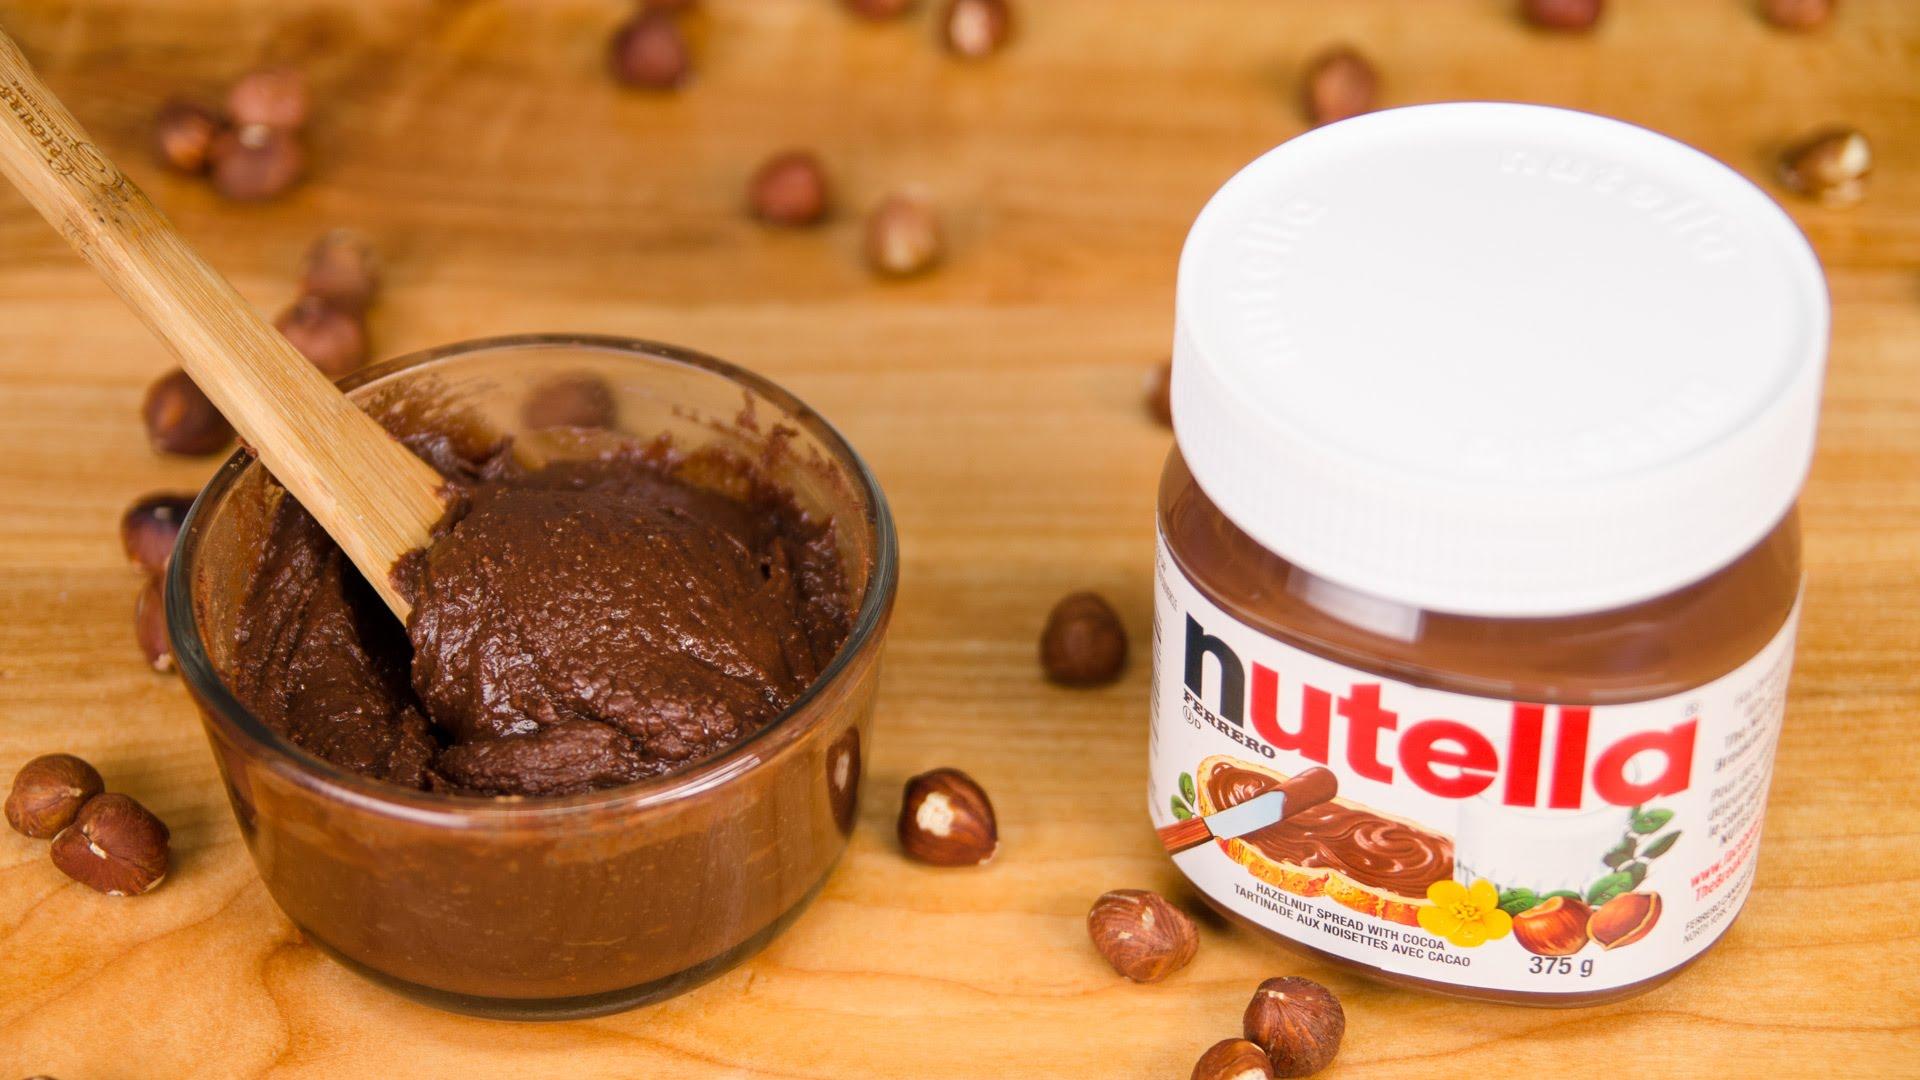 P te tartiner chocolat noisettes fa on nutella g teaux d lices - Nutella maison lait concentre ...